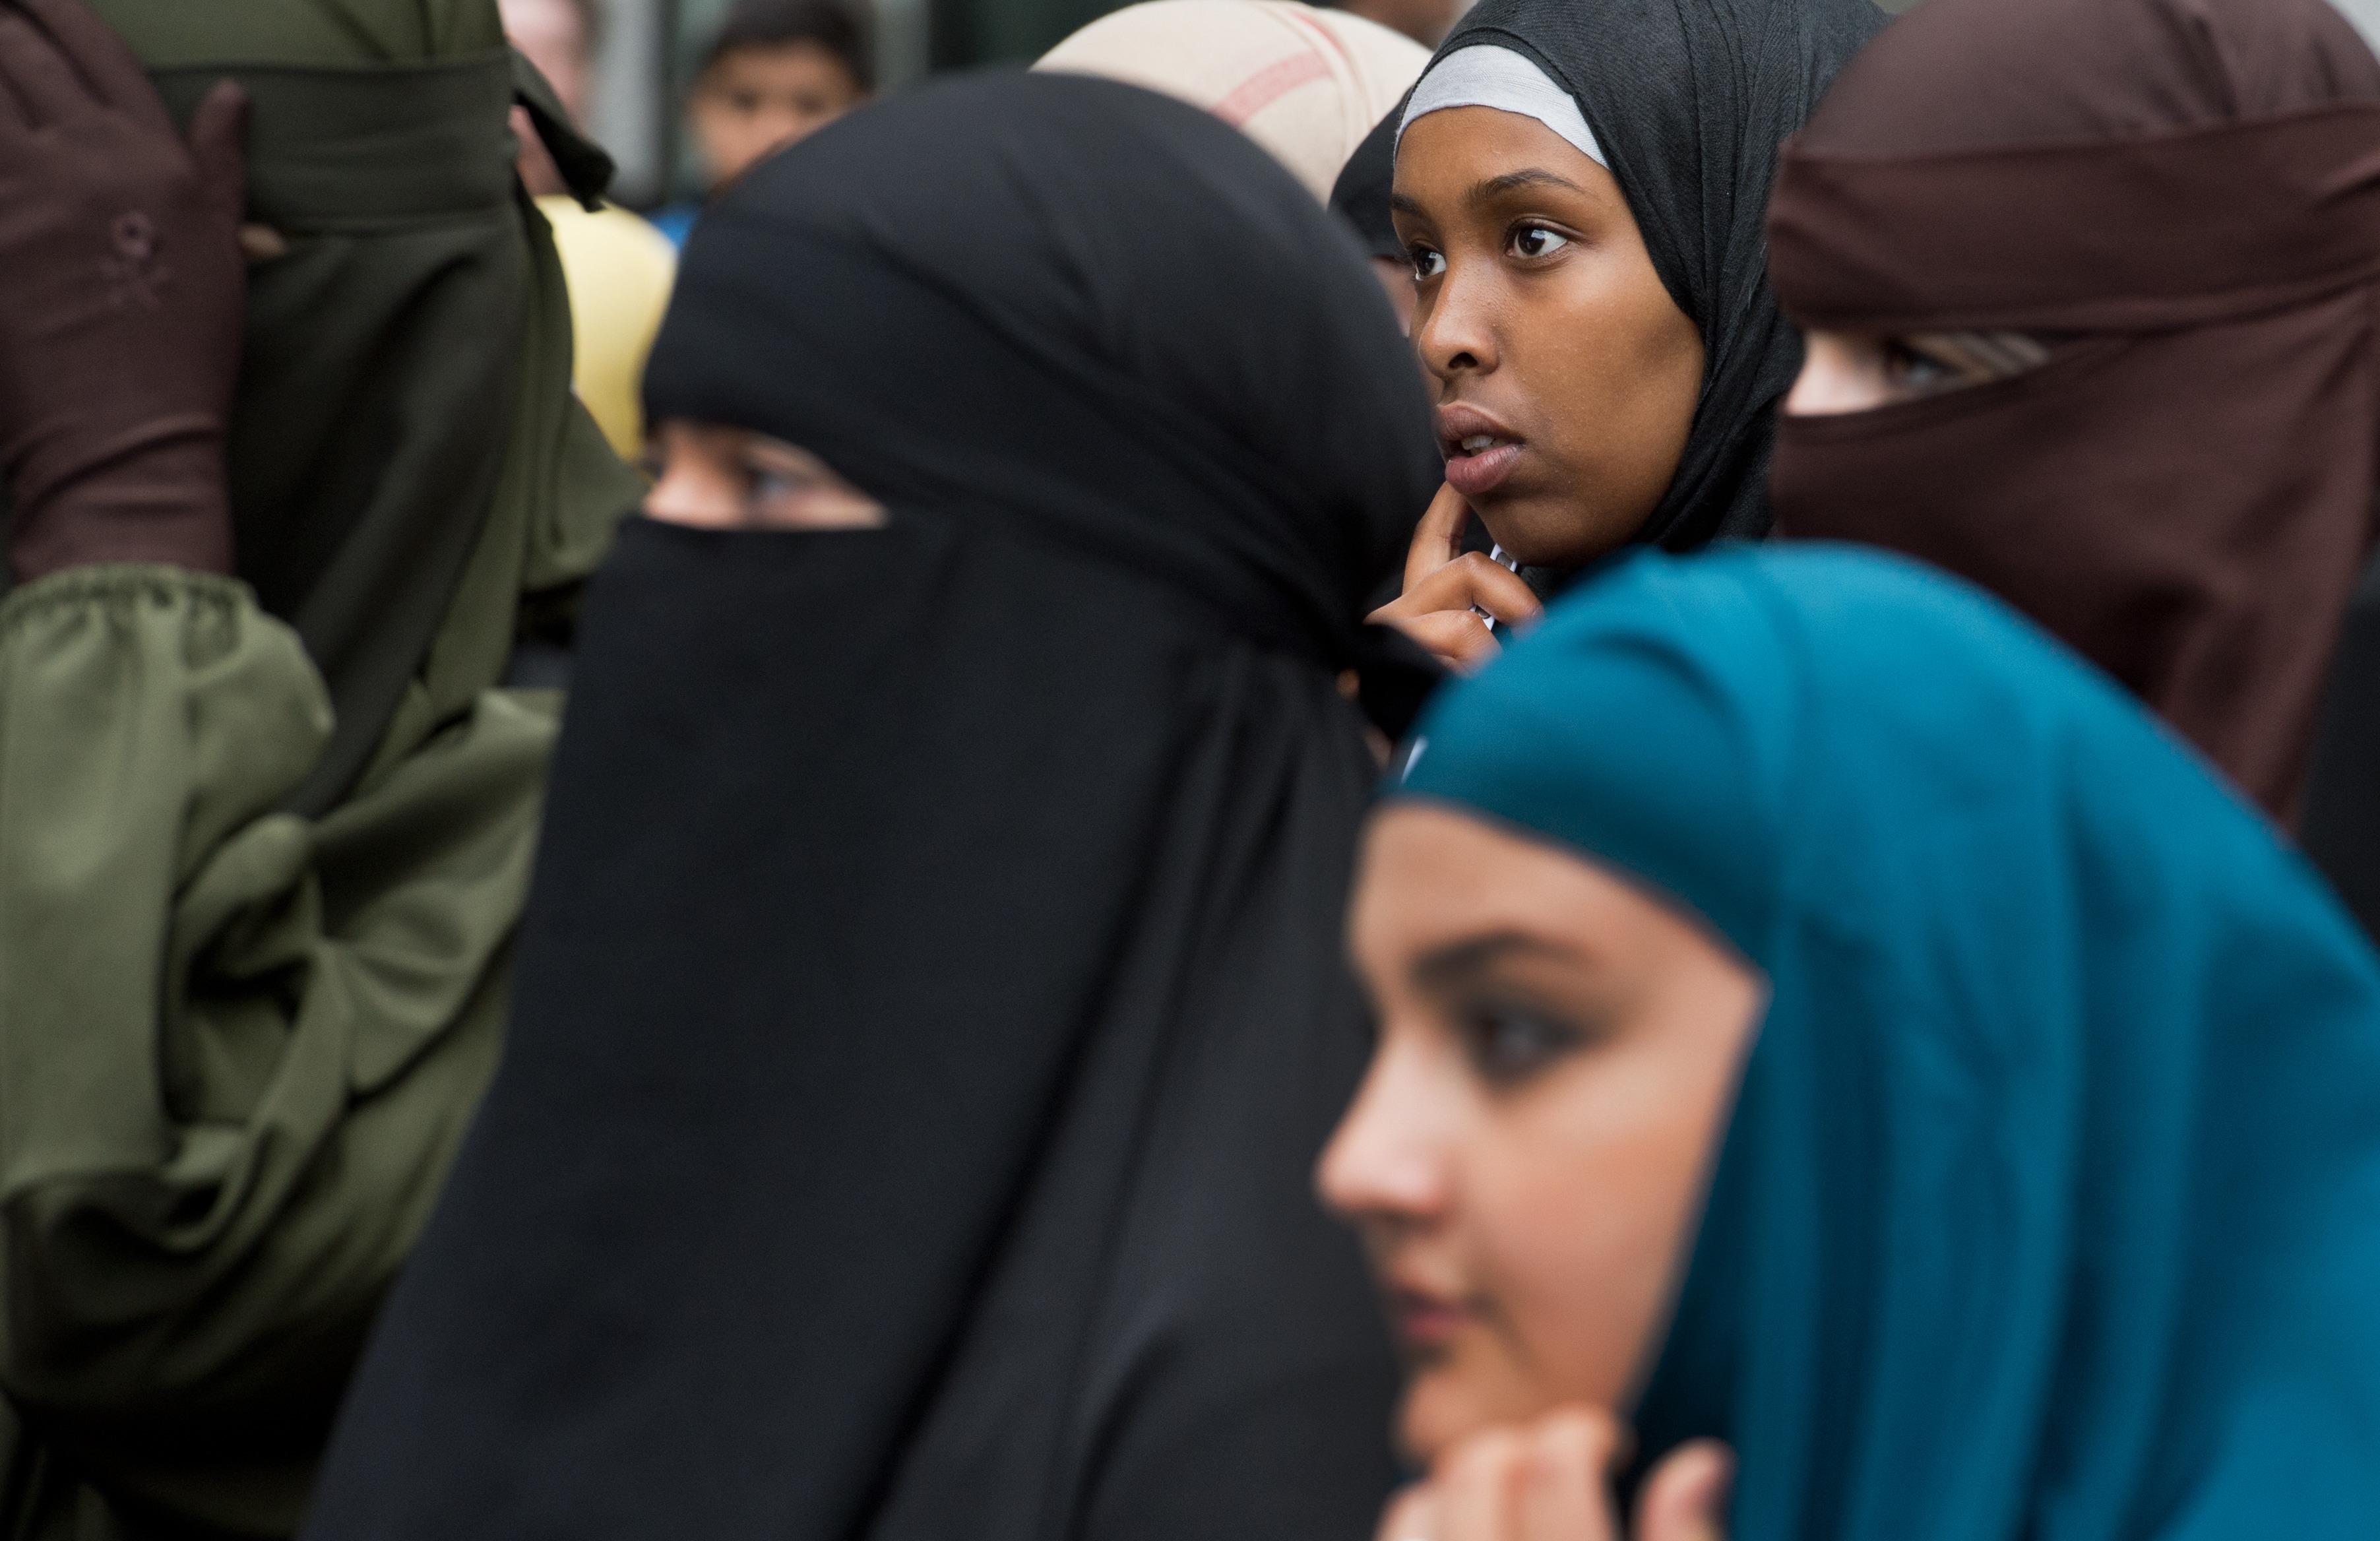 szabad muzulmán találkozó)